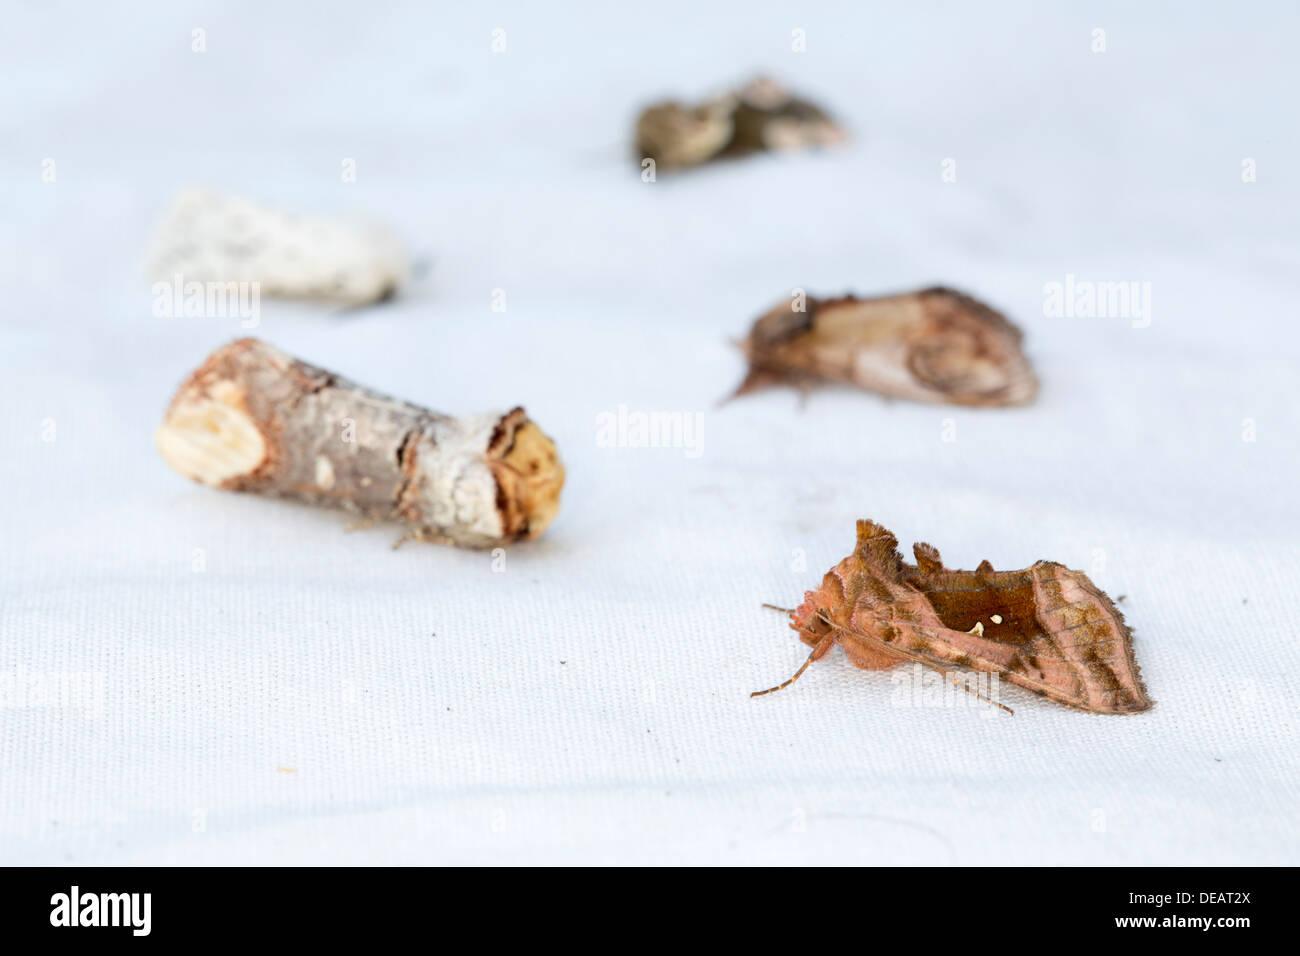 Polillas en una hoja en blanco; Incluye liso y Dorado; Buff Punta; Otros; Verano; UK Imagen De Stock